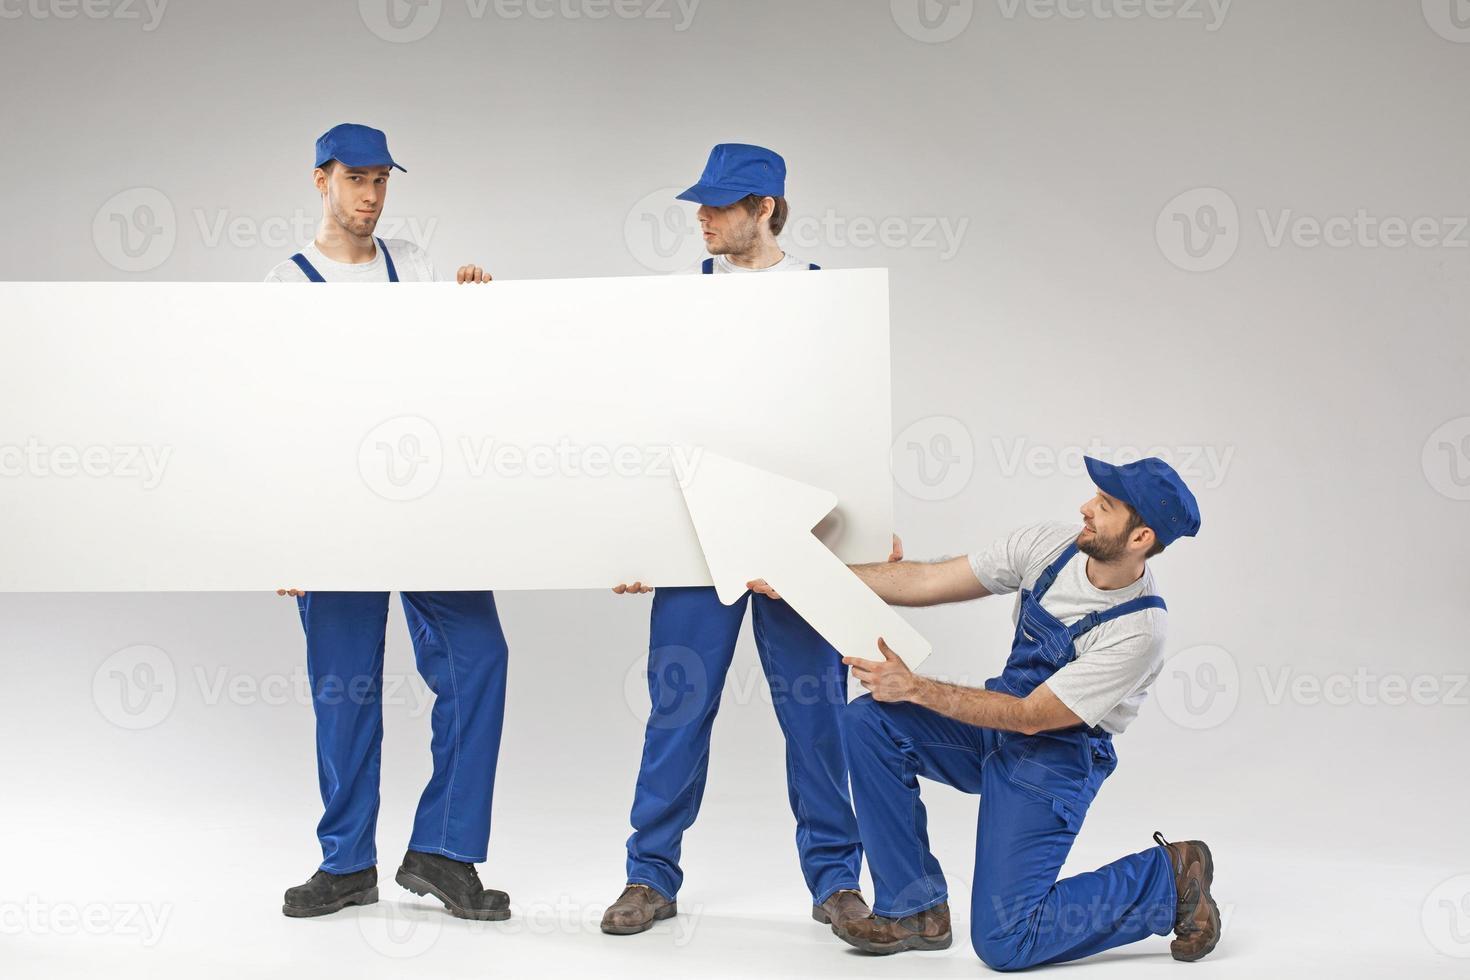 portret van de drie medewerkers foto